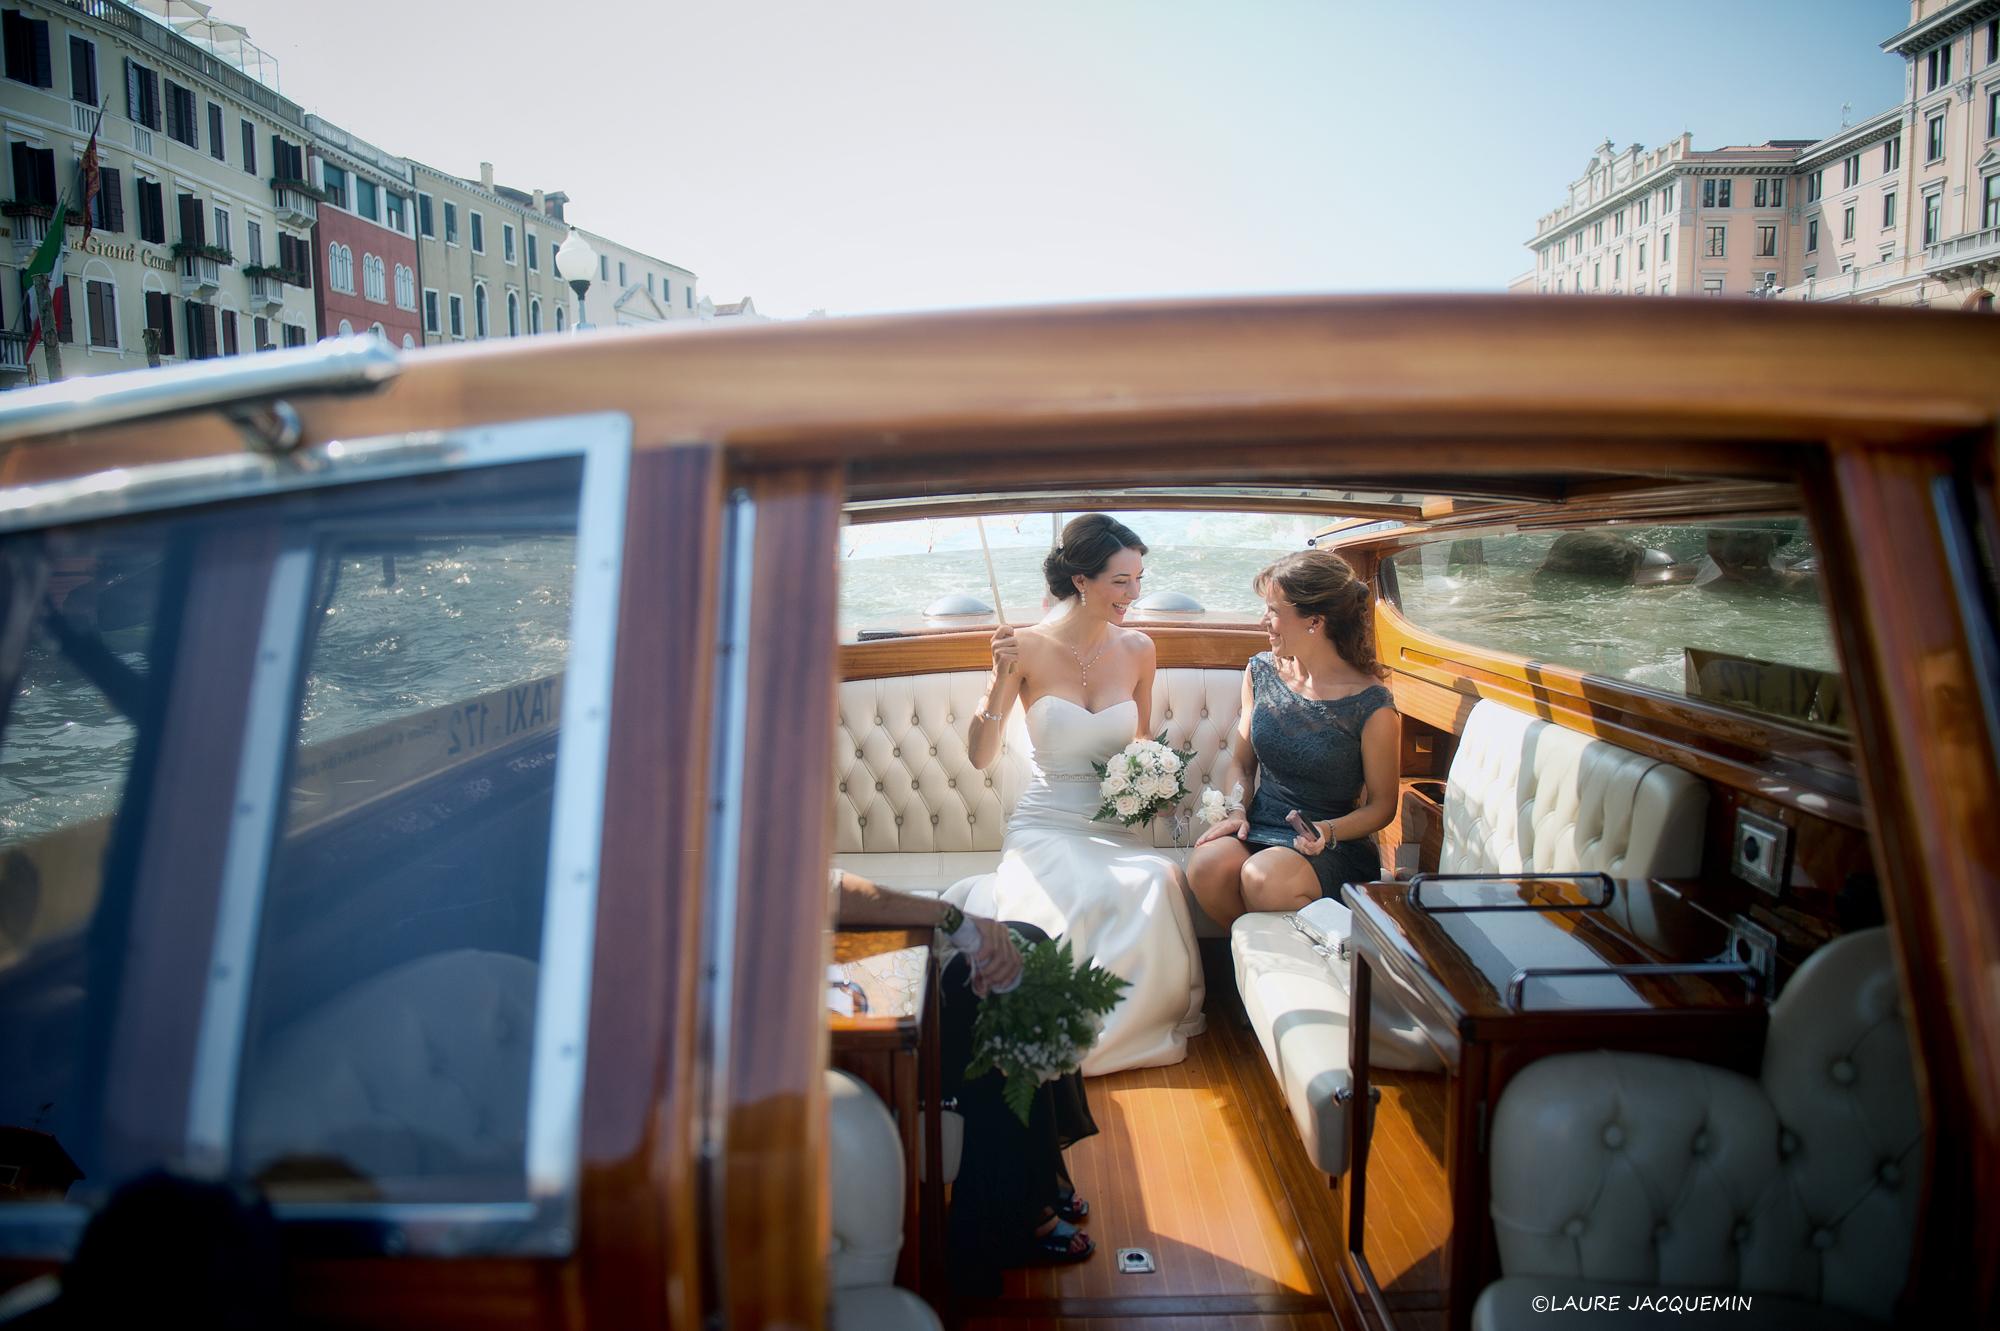 venise mariage photographe laure Jacquemin simbolique jardin venitien gondole (48)